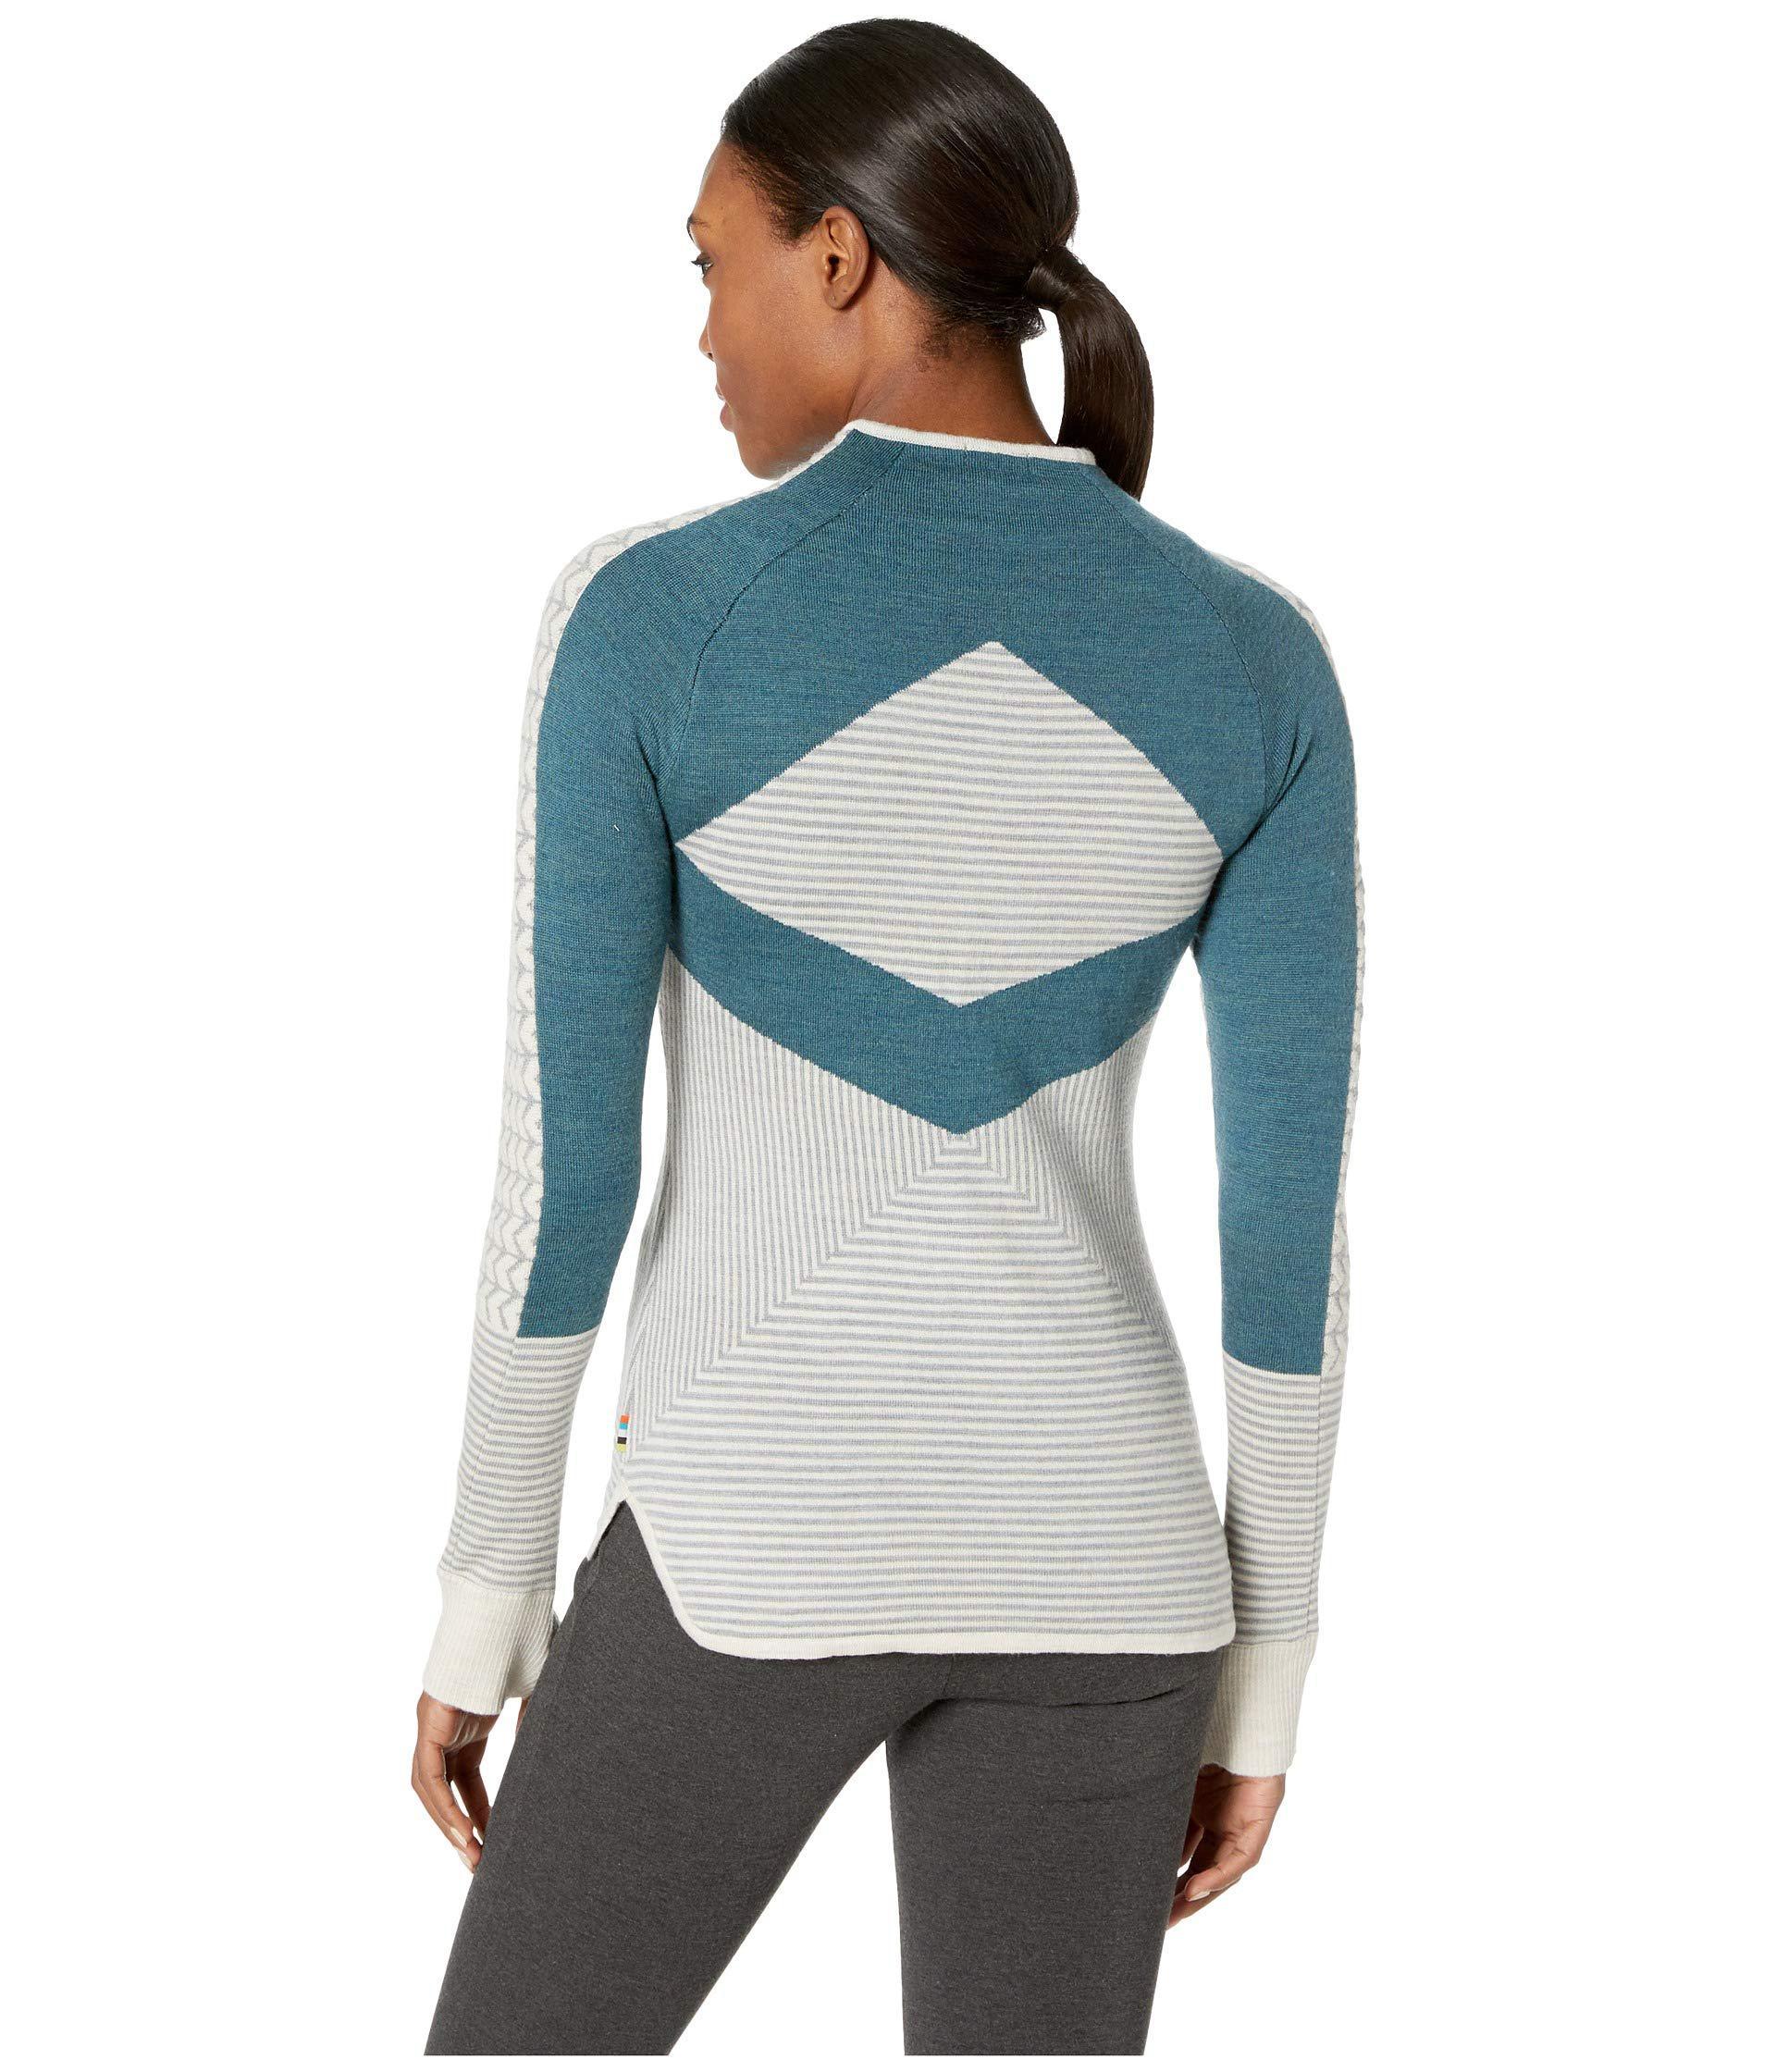 f4b41697e33735 Smartwool Dacono Ski Full Zip Sweater (moonbeam Heather) Women's ...